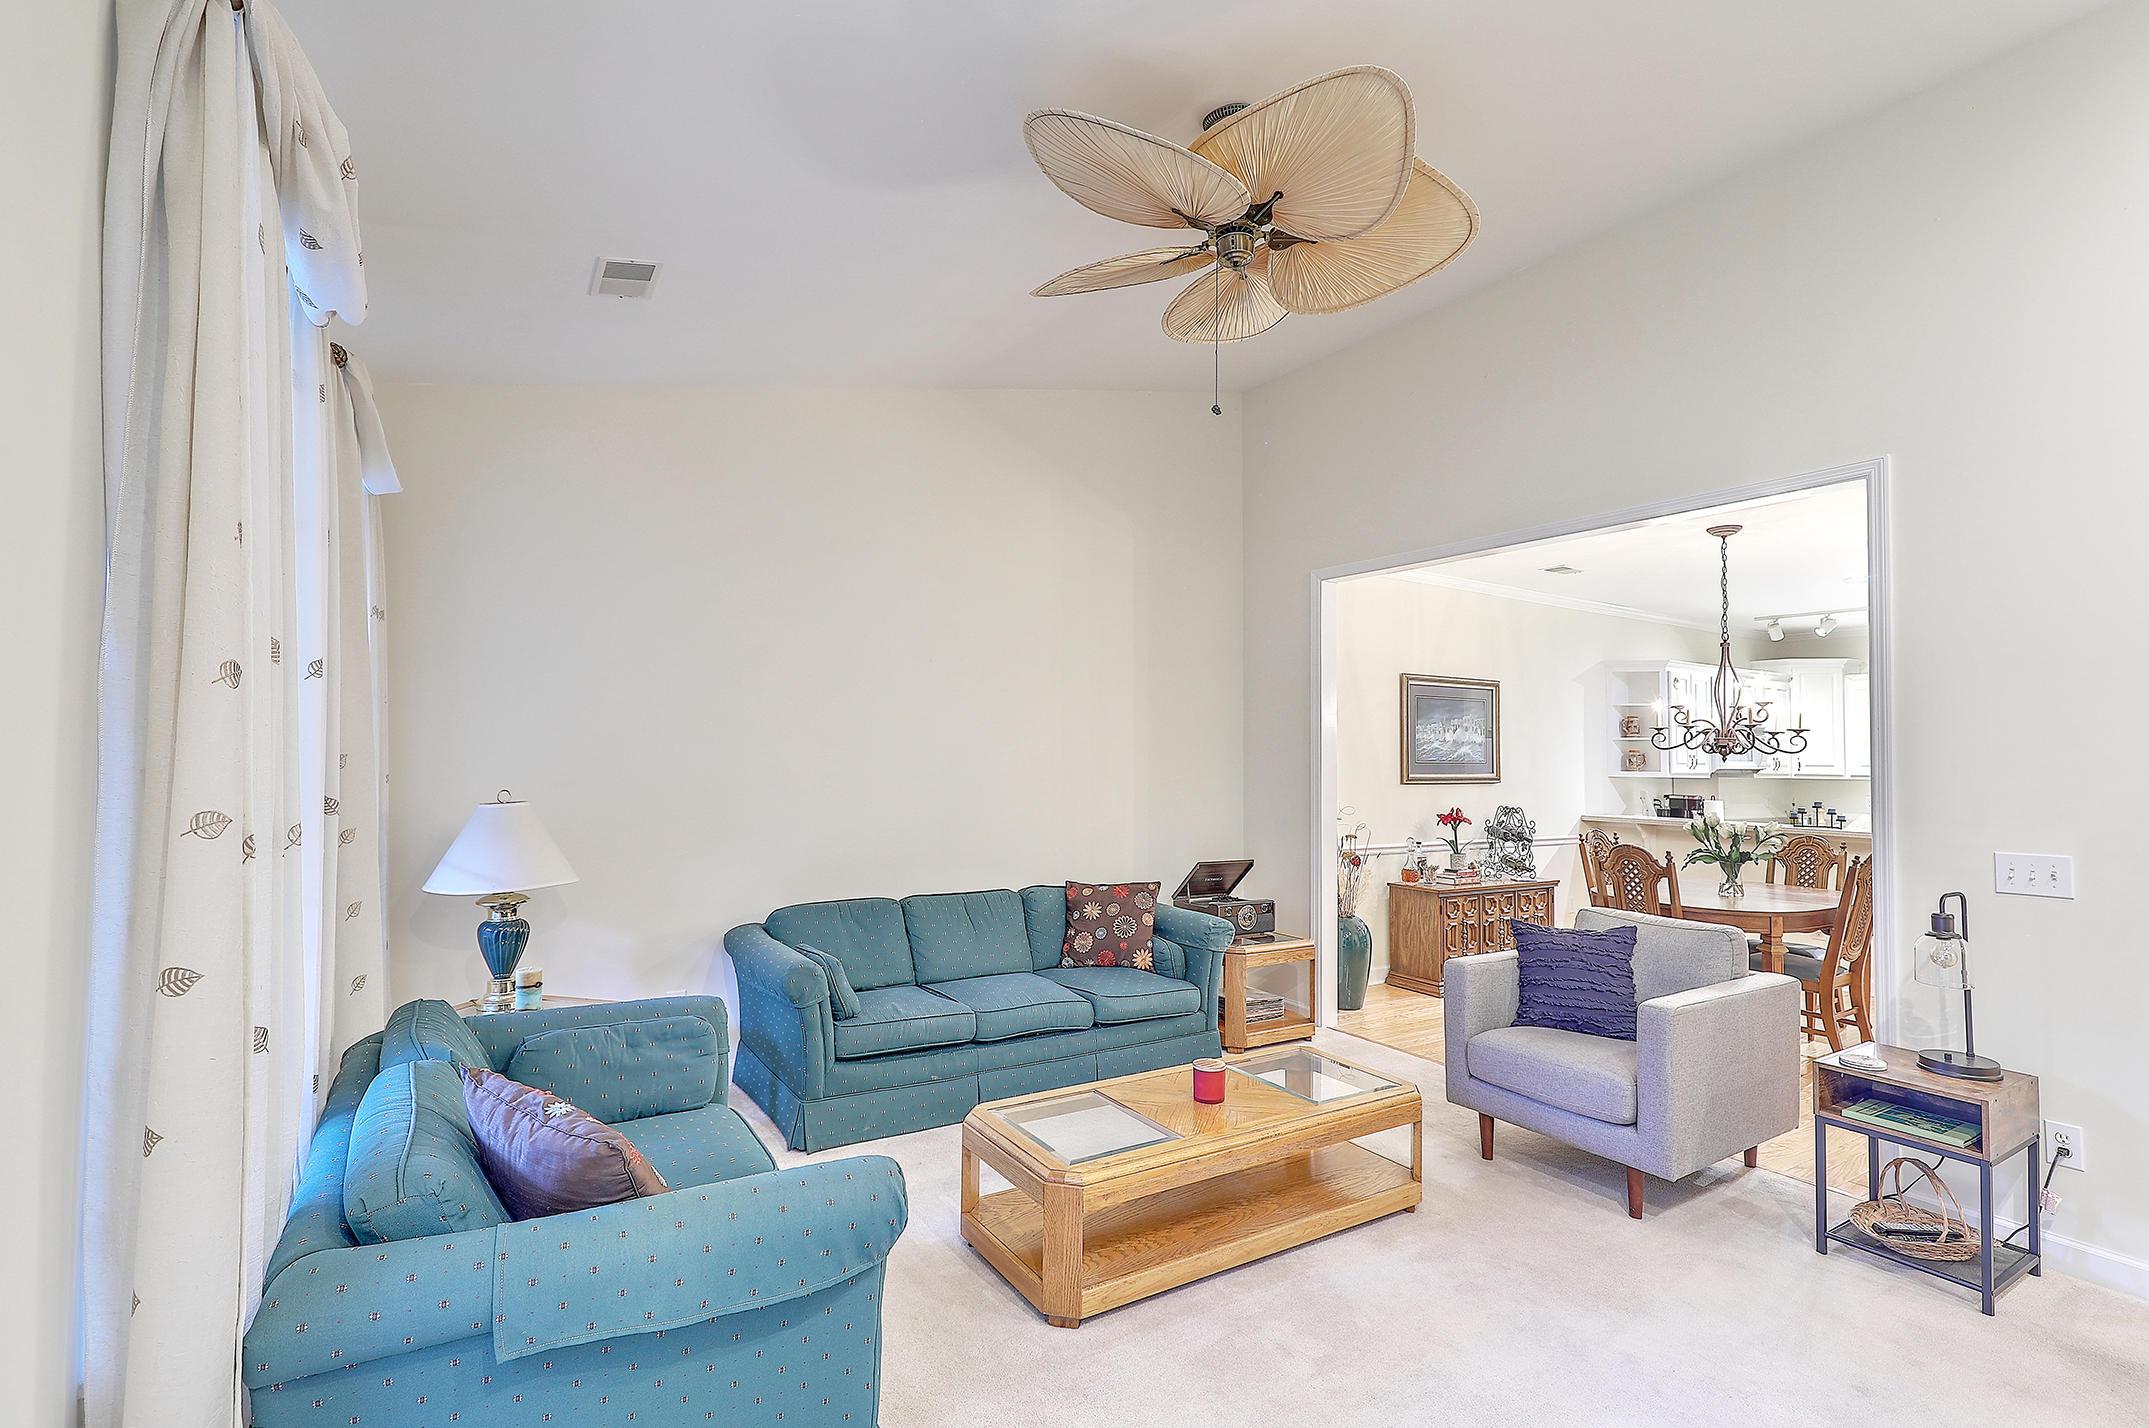 Dunes West Homes For Sale - 163 Fair Sailing, Mount Pleasant, SC - 4